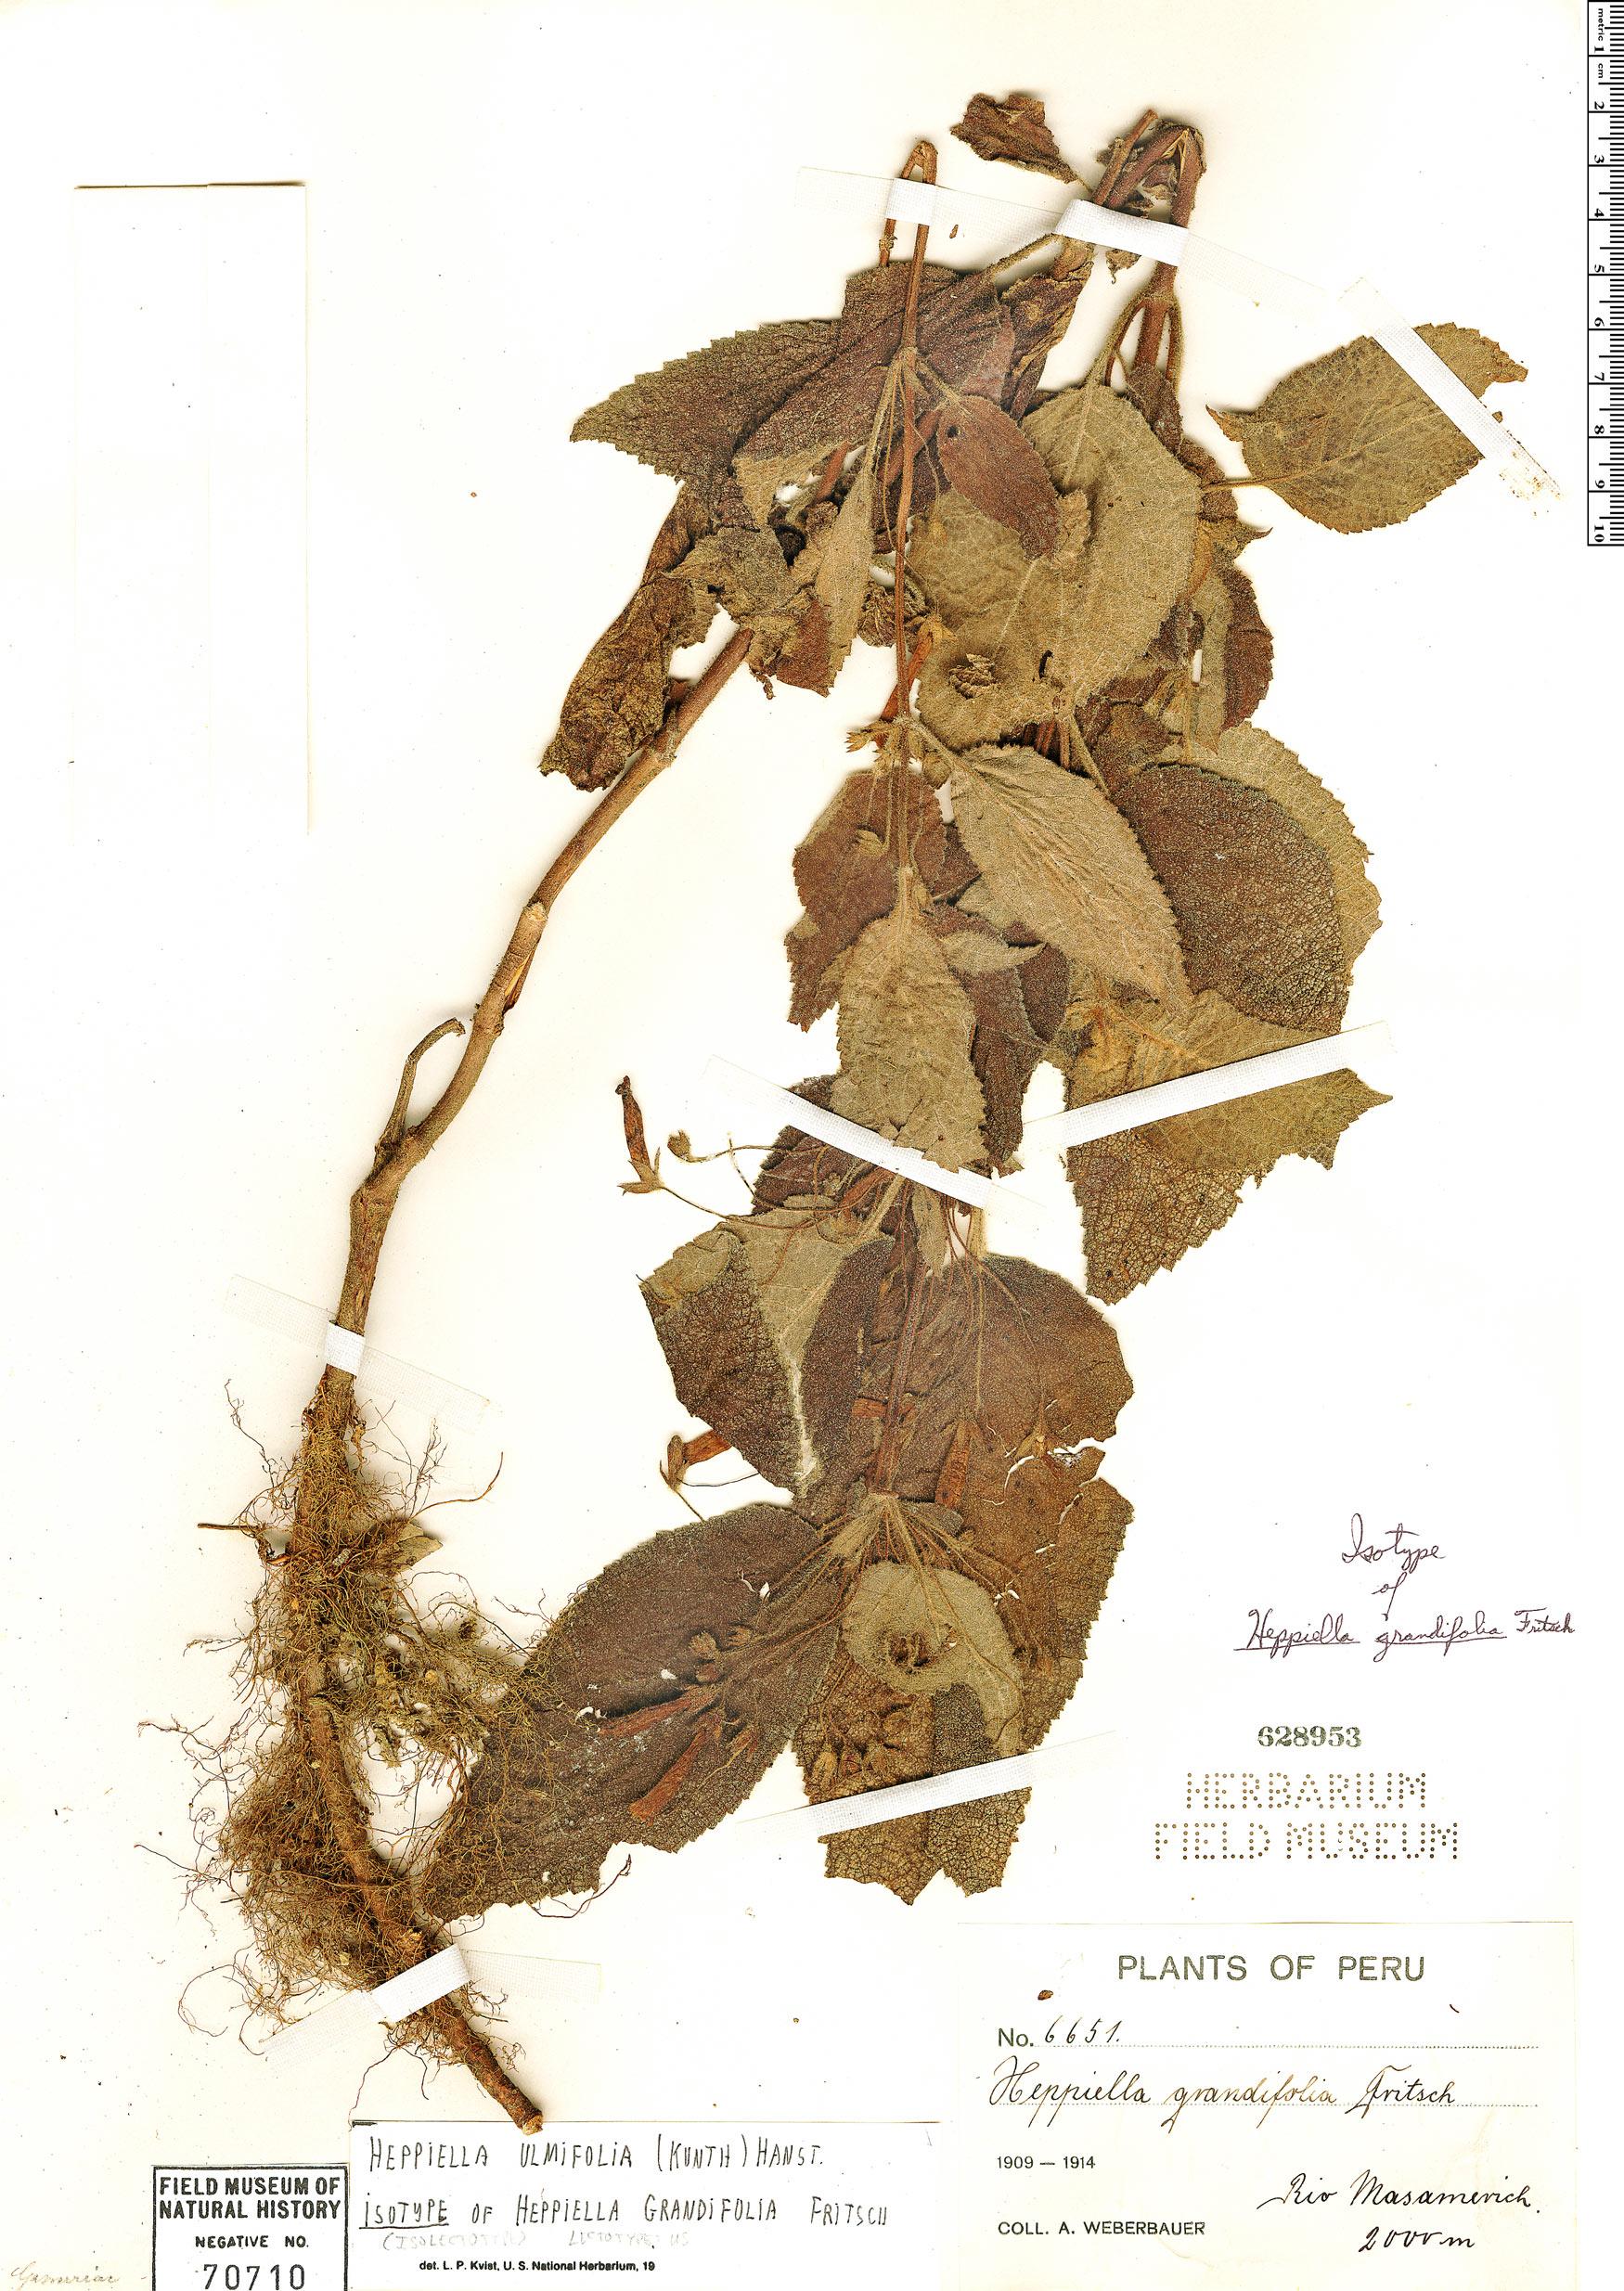 Specimen: Heppiella ulmifolia